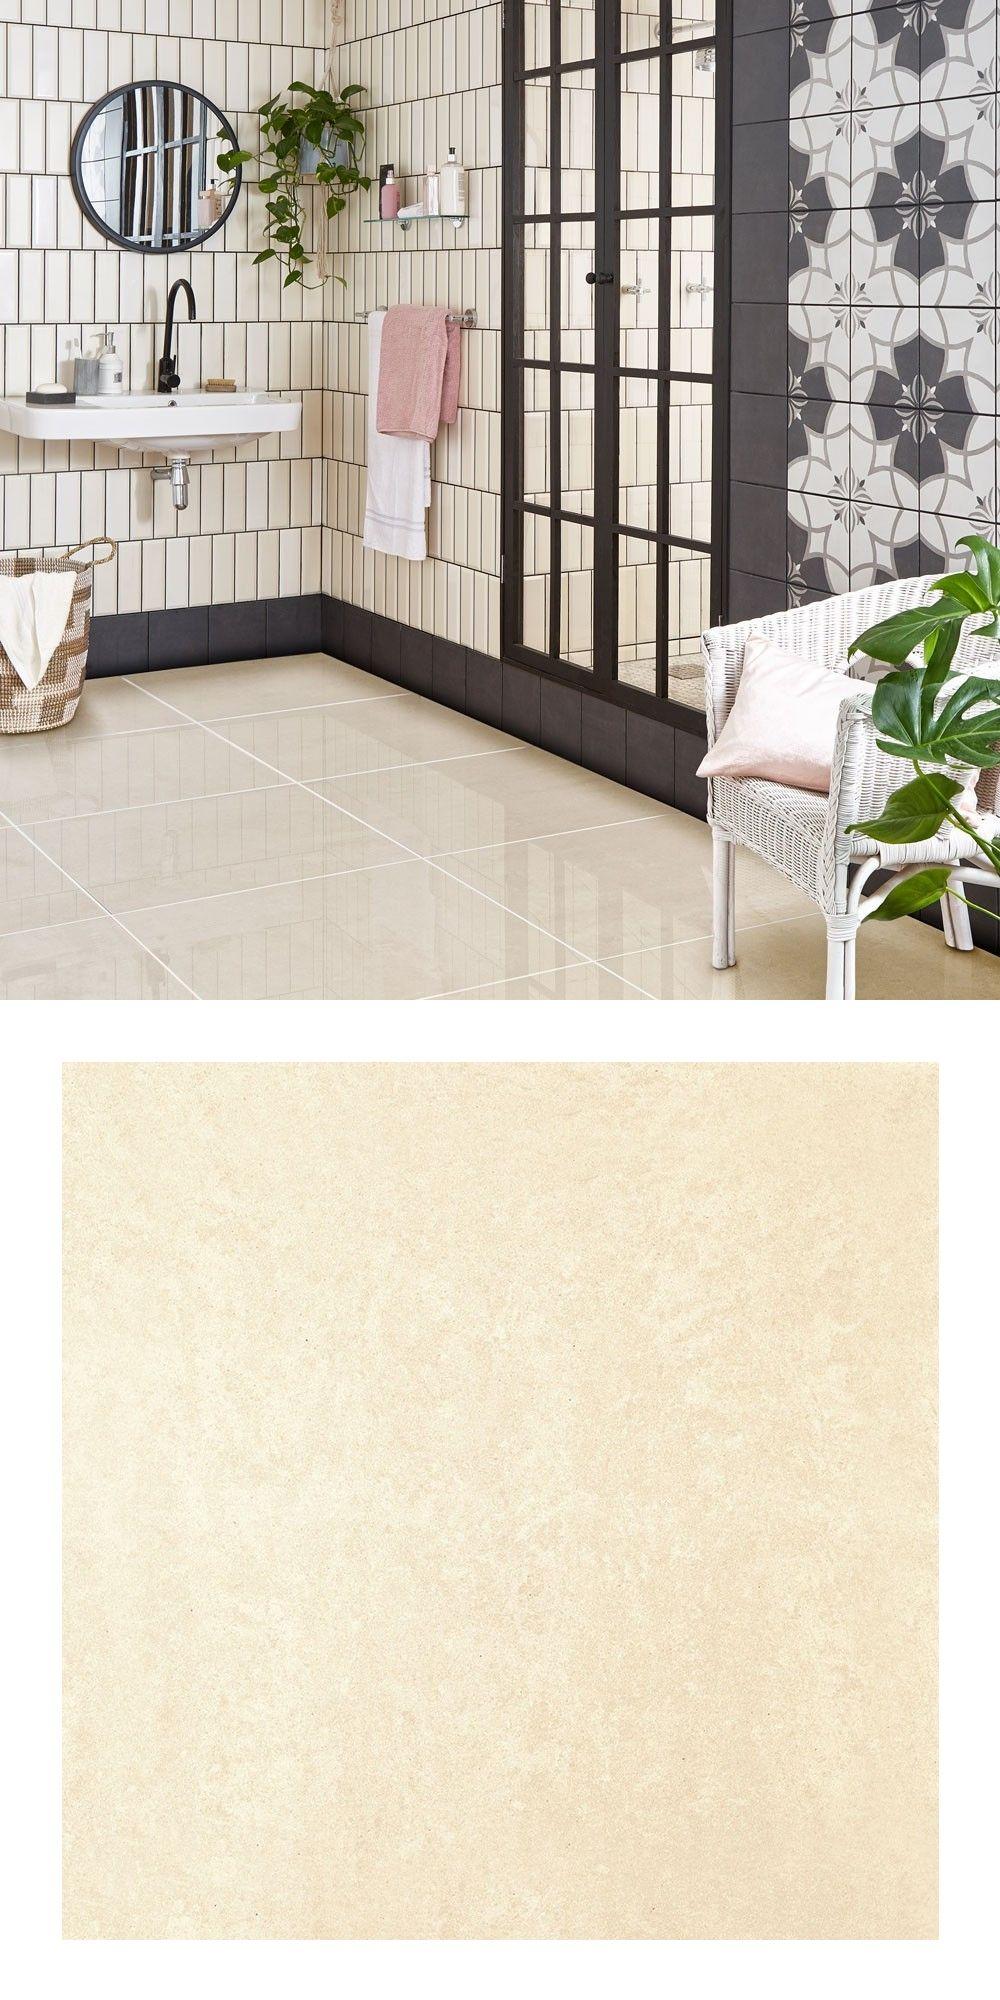 Salon Porcelain White Polished 600x600 Tiles White Tile Floor